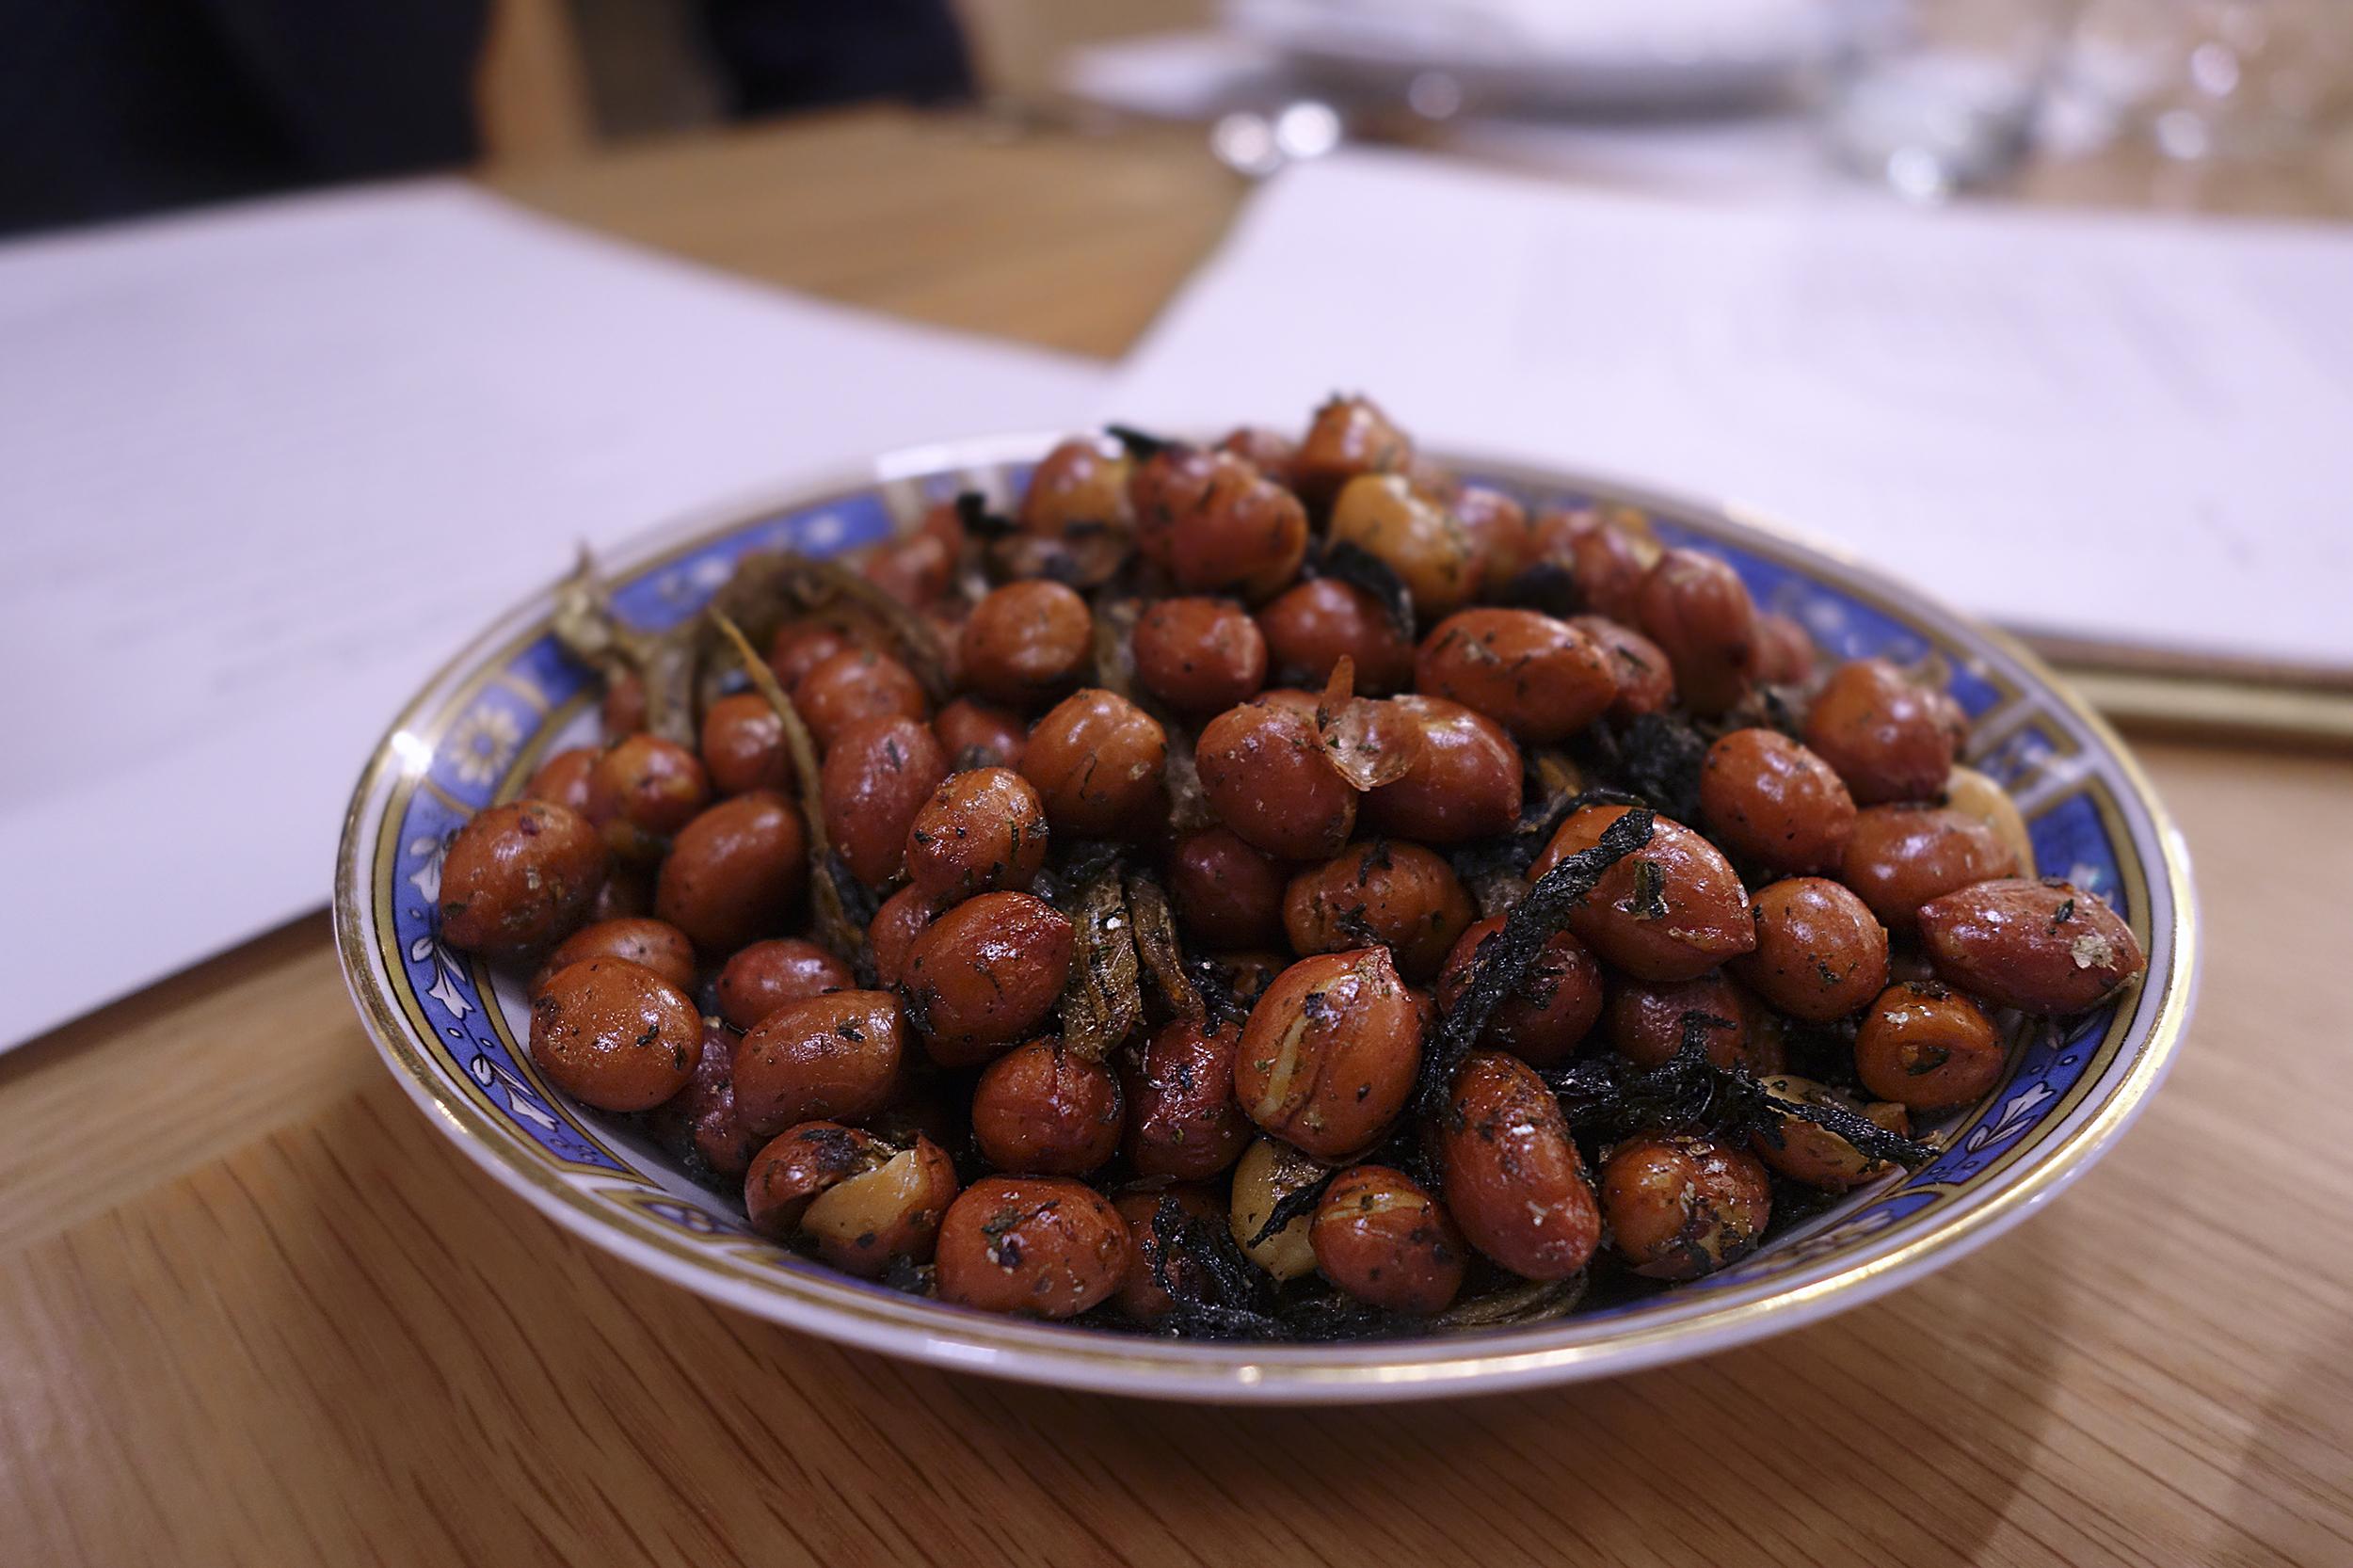 Yin's wok fried seasoned nuts